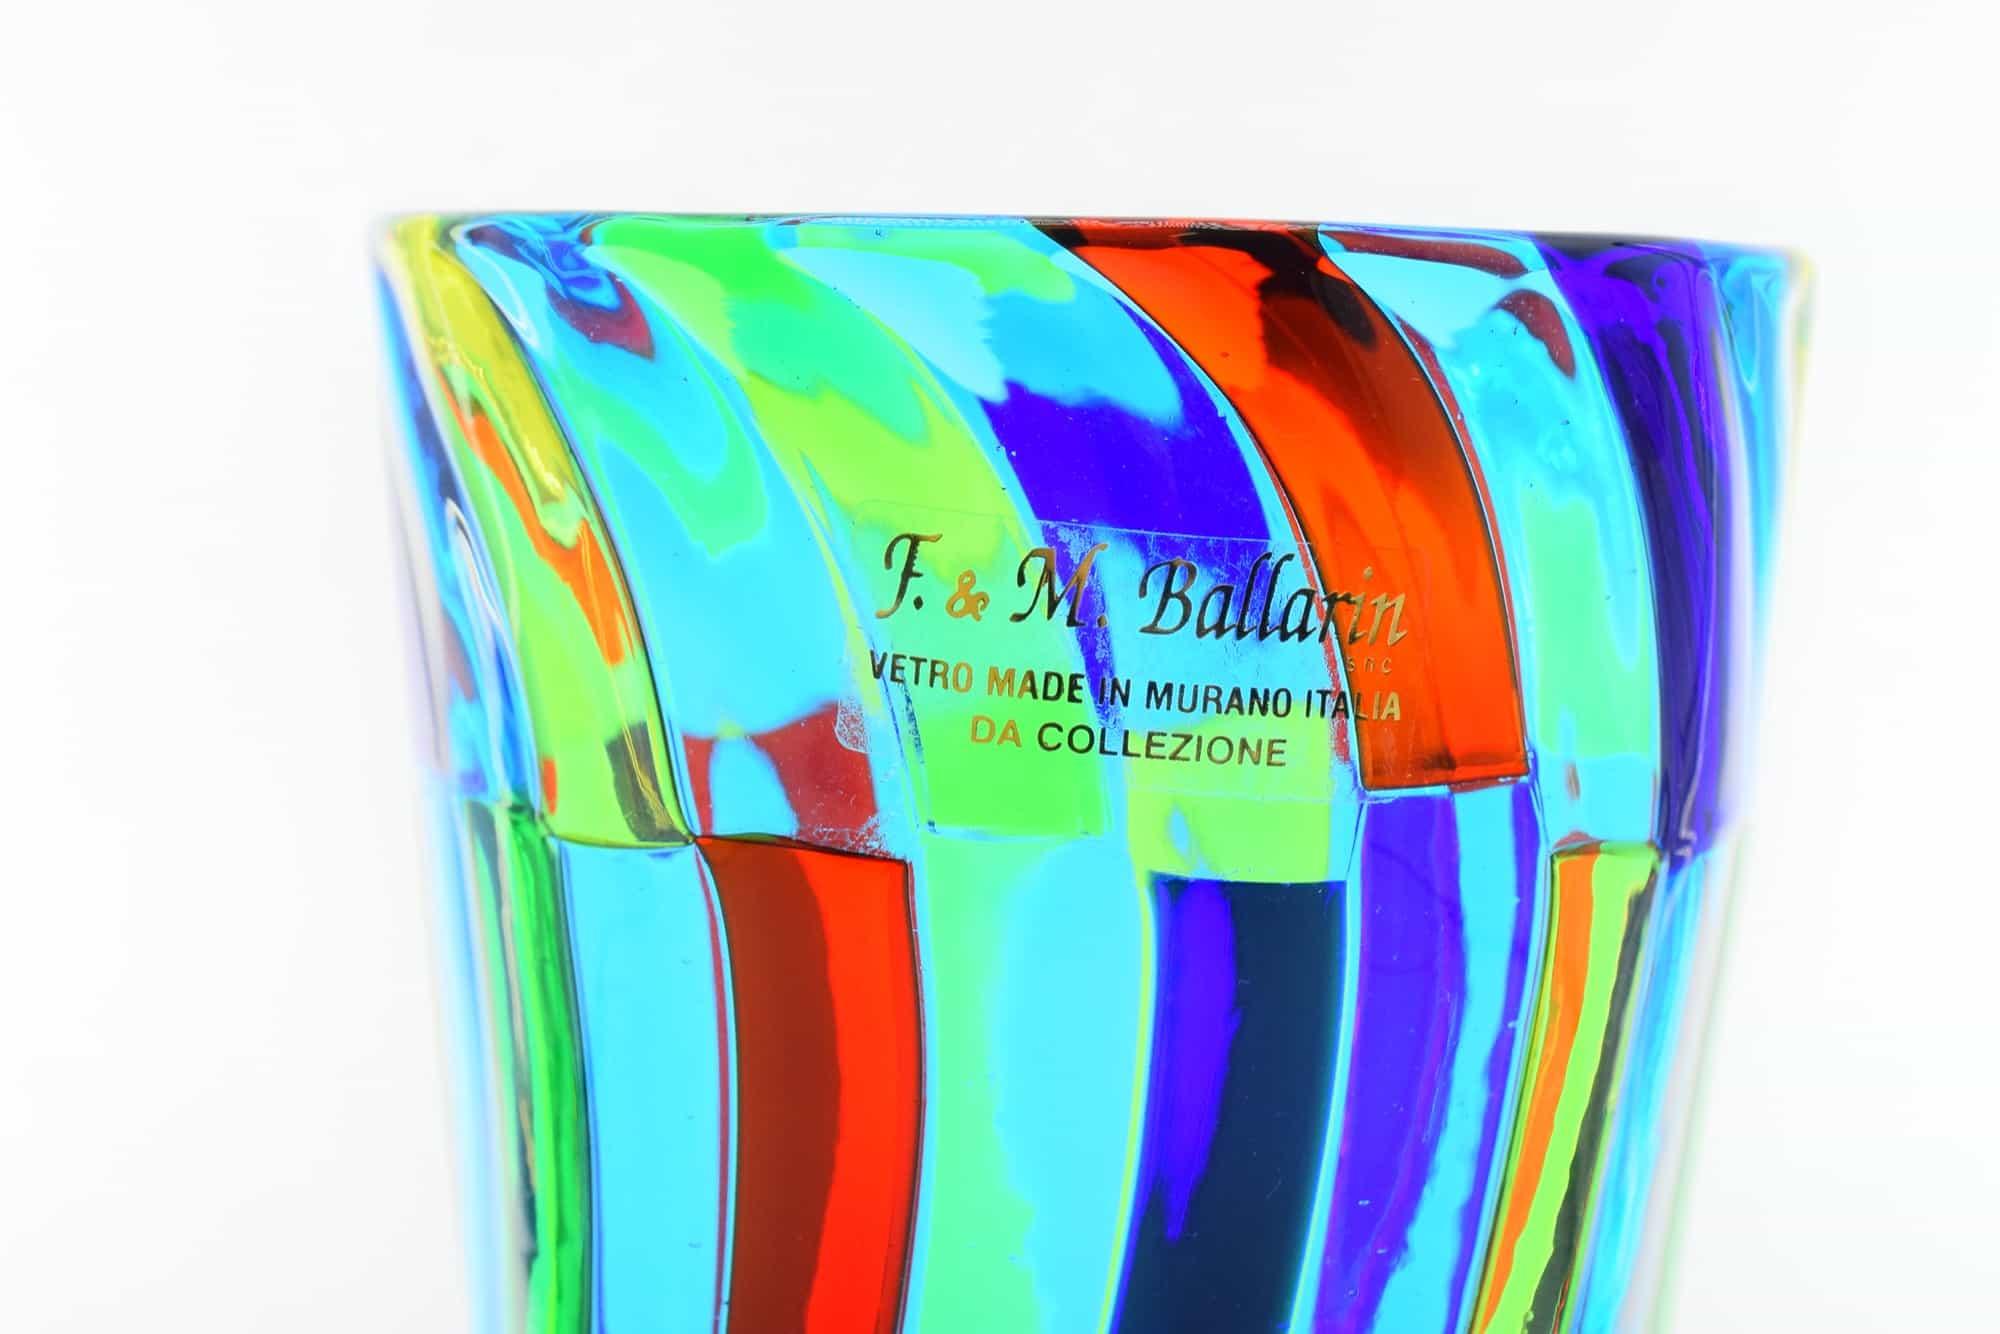 Стекло Pezzato из муранского стекла - (Art. 33324)